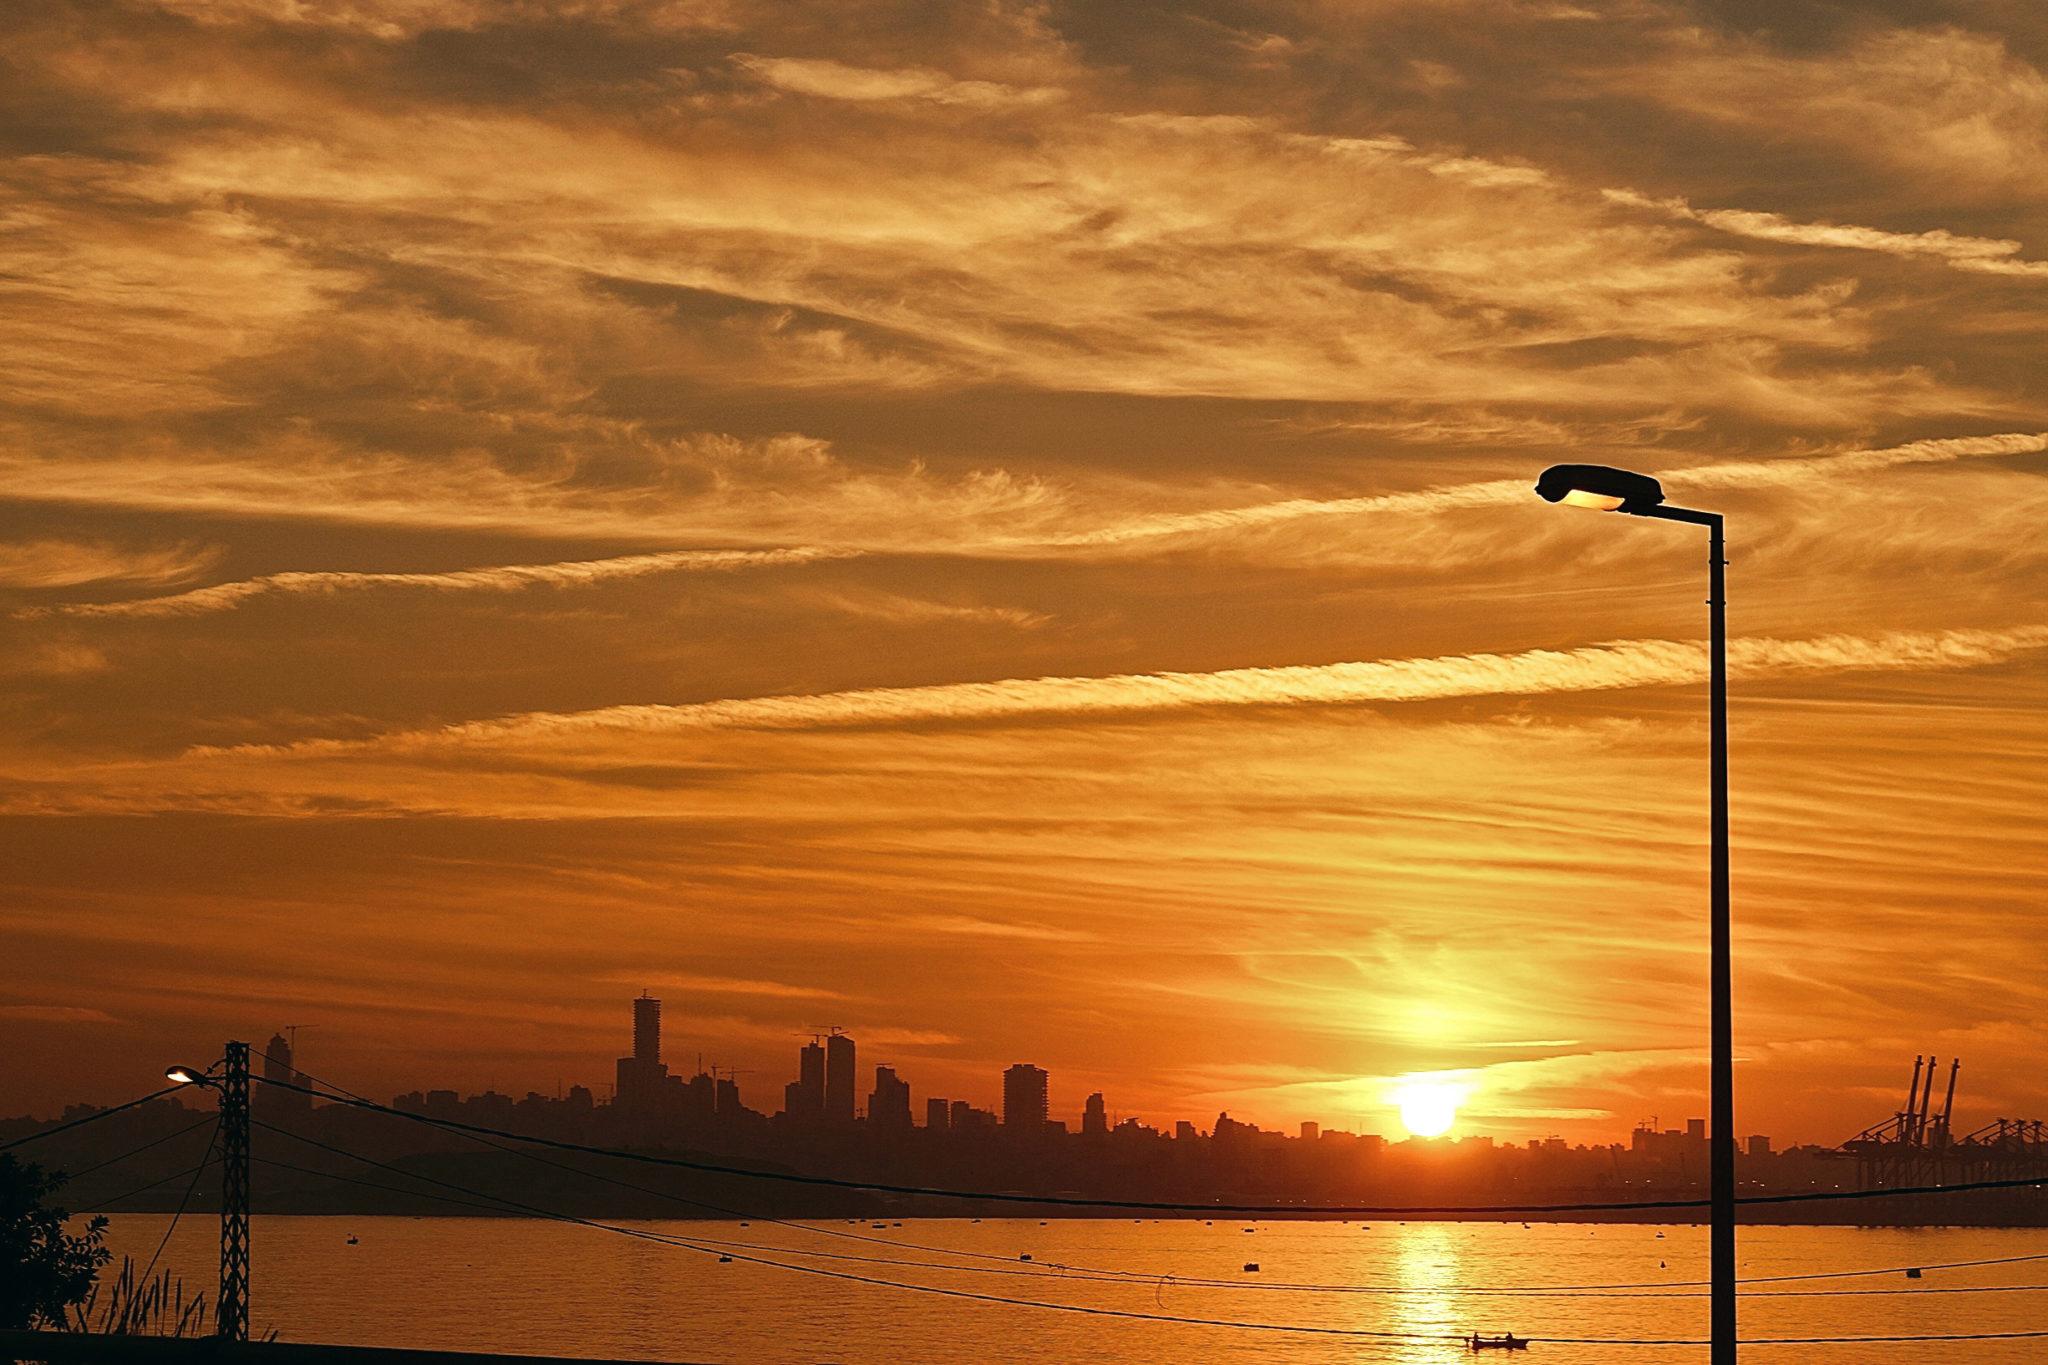 Sonnenuntergang und Beirut Skyline im Hintergrund